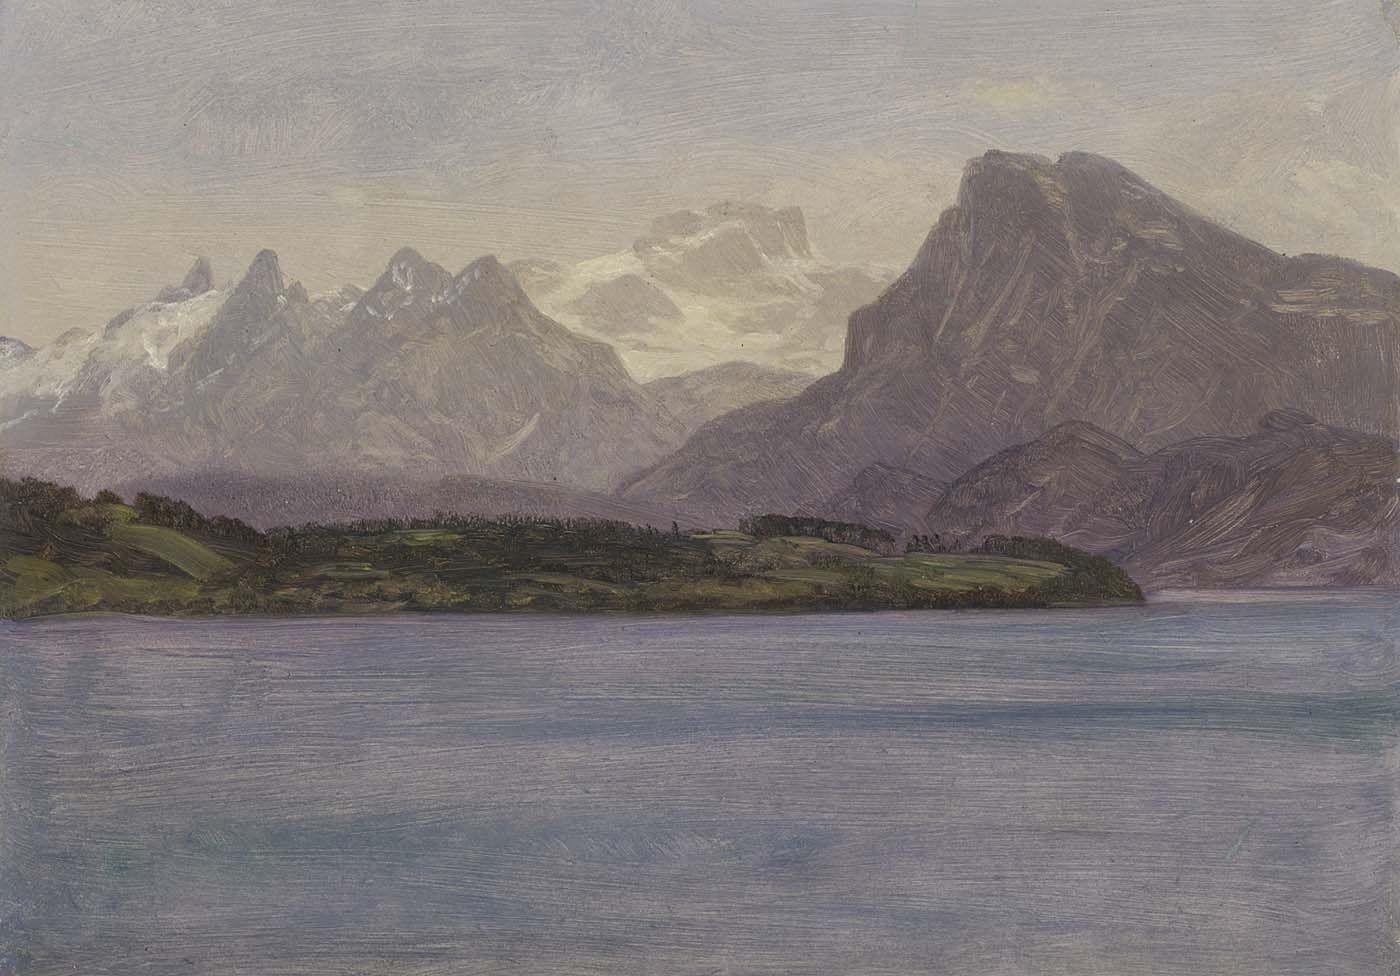 ALASKAN COAST PACIFIC ALASKA BIERSTADT INSPIRATIONAL CANVAS ART PAINTING PRINT